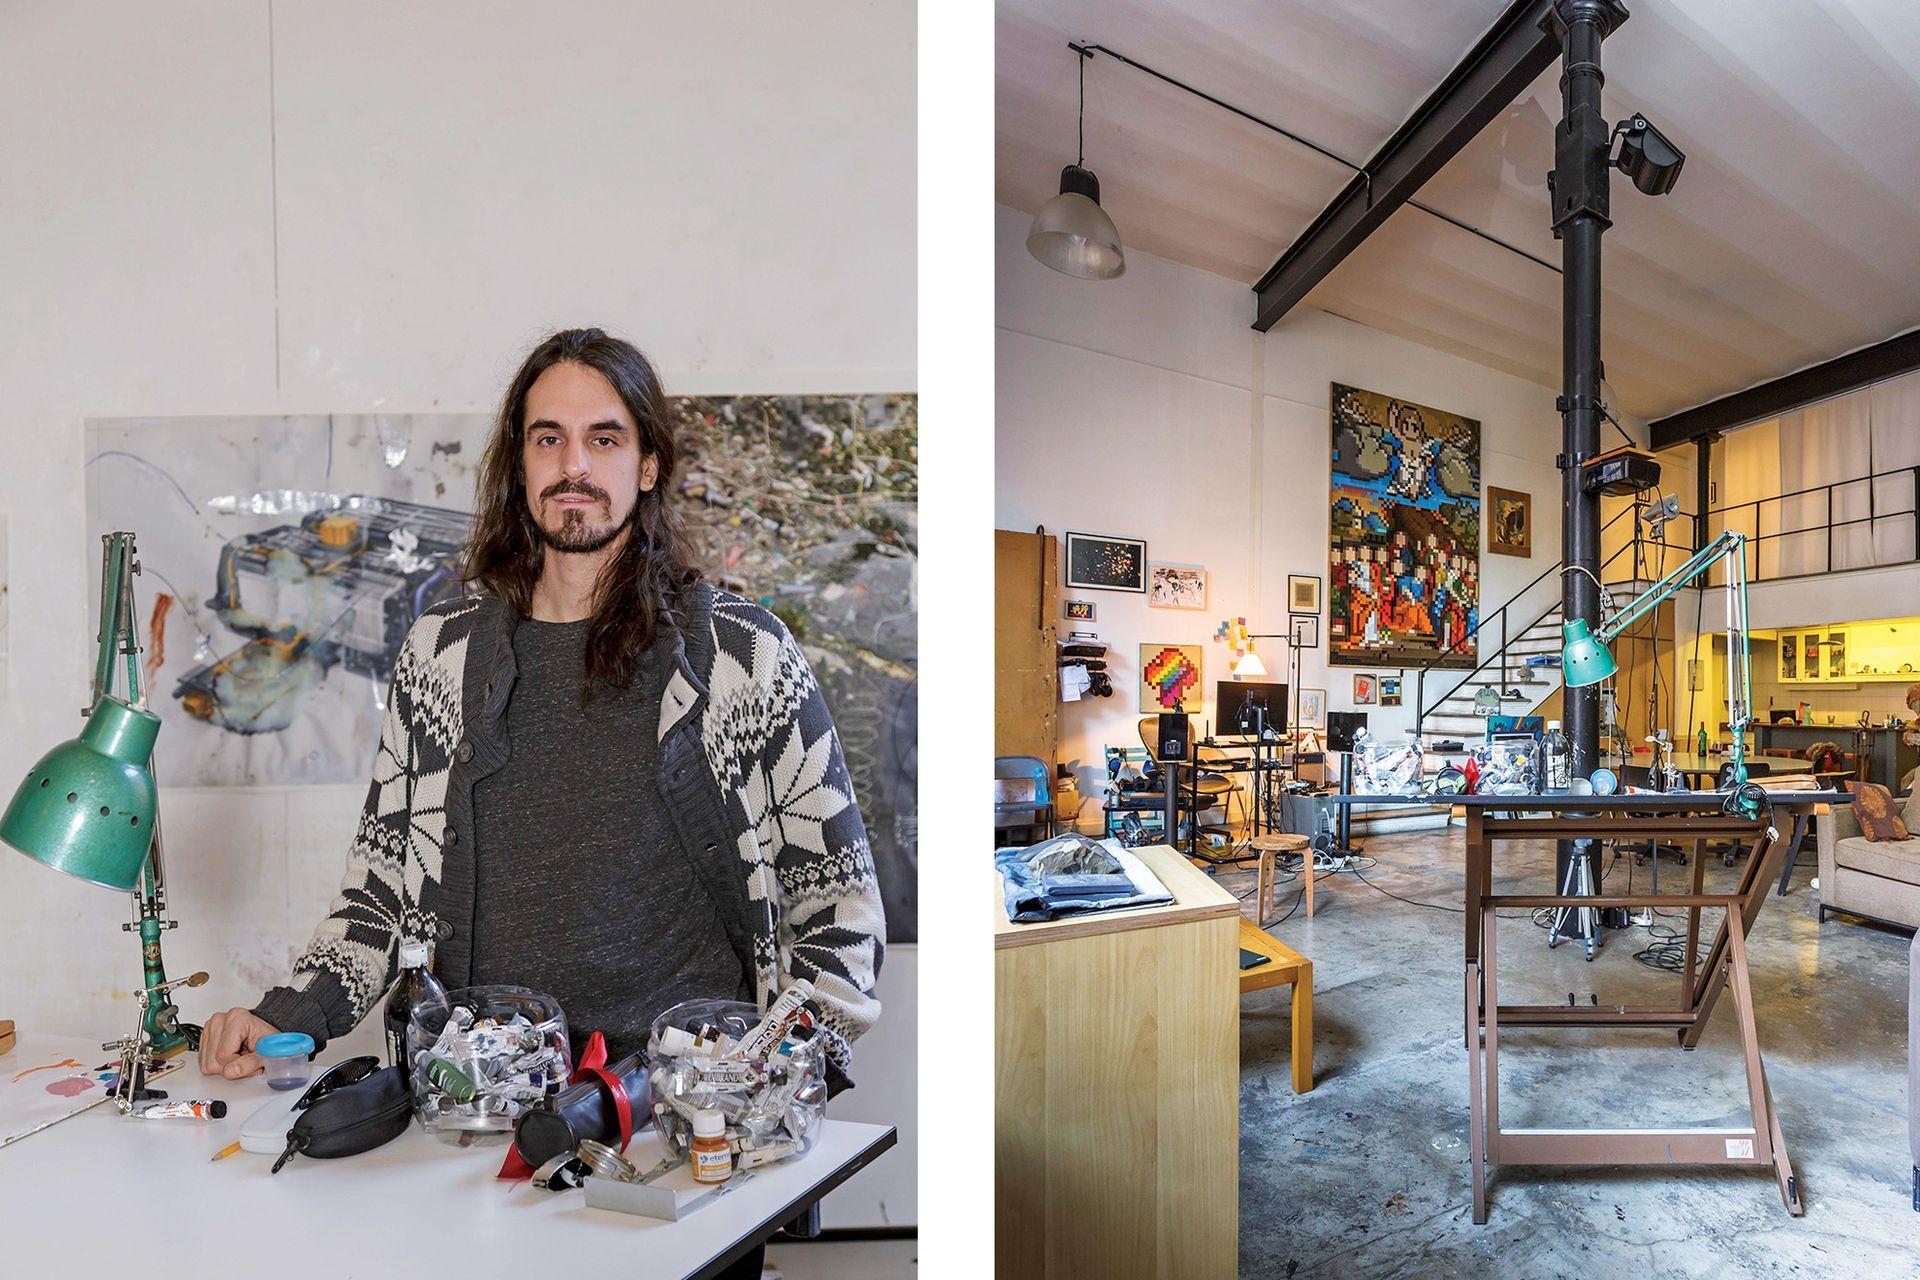 Durante años, el amplio espacio fue también taller y punto de encuentro para sus clínicas de arte. Después pasó a ser sólo su casa, pero conservando la esencia: mucho espacio y ninguna división.